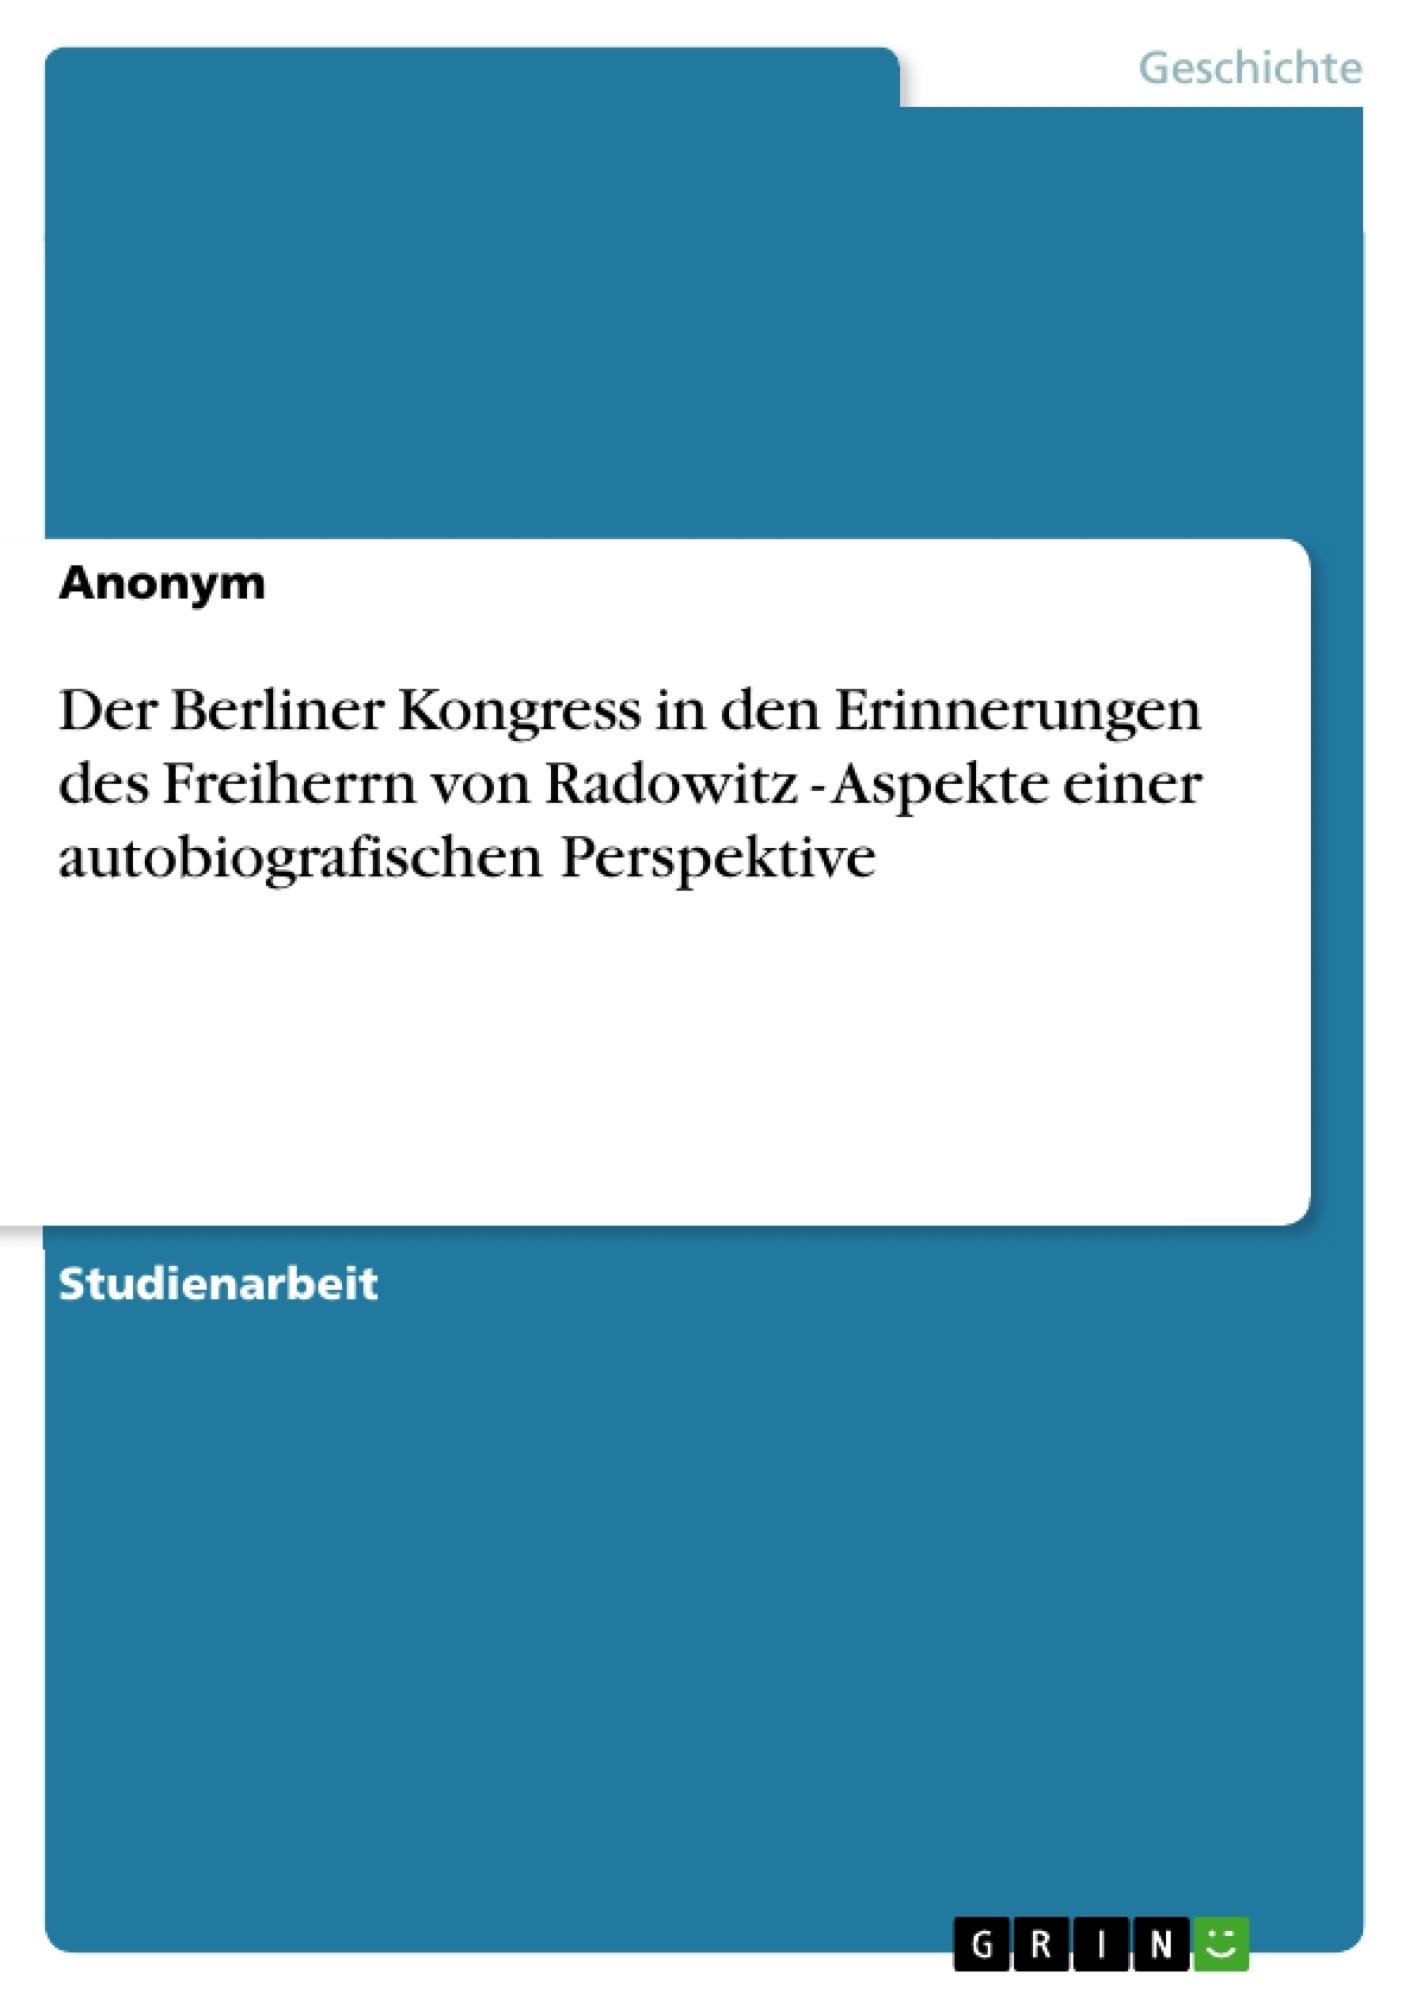 Titel: Der Berliner Kongress in den Erinnerungen des Freiherrn von Radowitz - Aspekte einer autobiografischen Perspektive